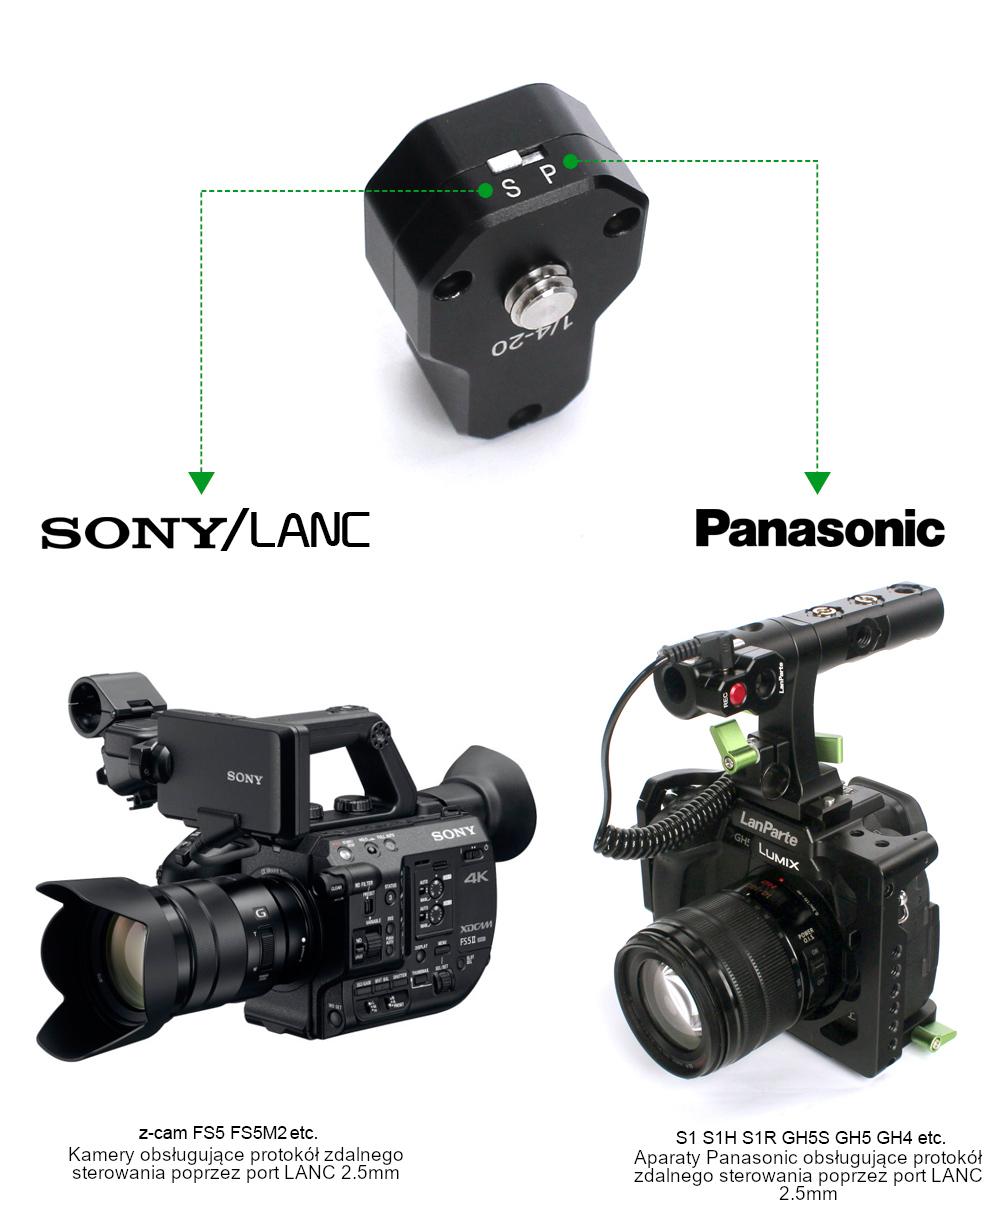 lanparte-lanc-03-kontroler-start-stop-w-kamerze-opis-08.jpg